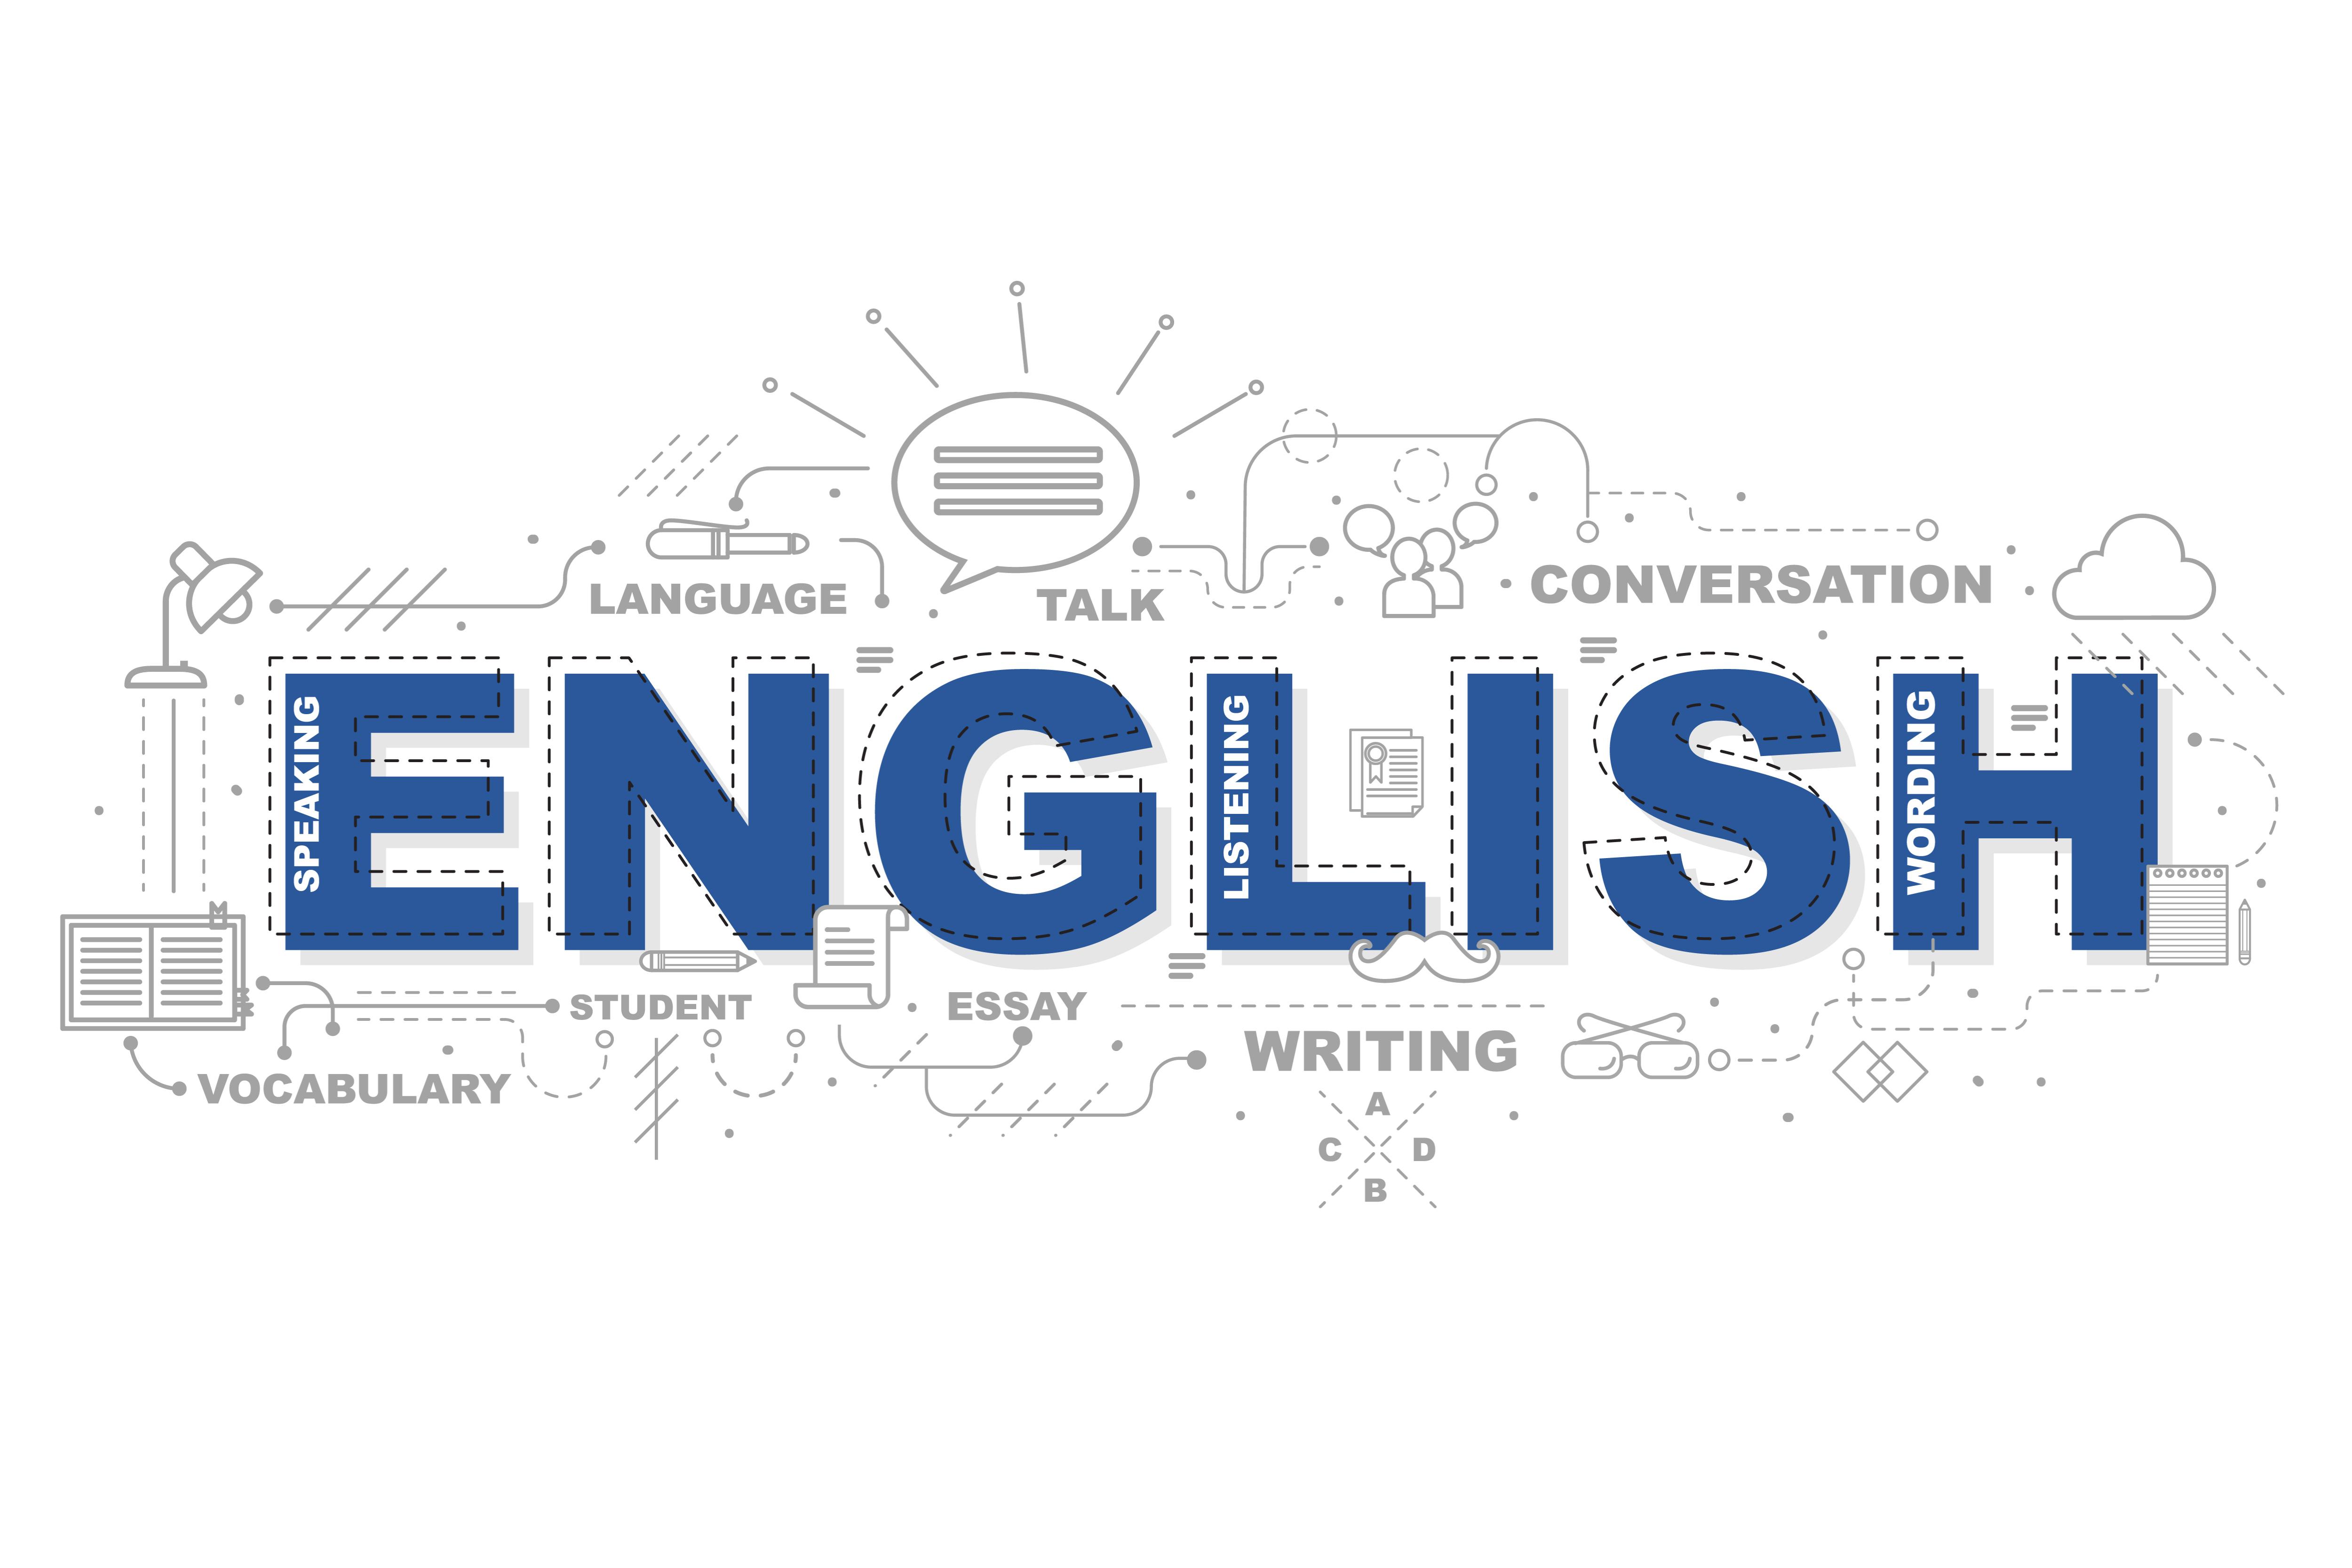 【英語】を教える仕事にするなら、ココがオススメ!【個人・独立向け】